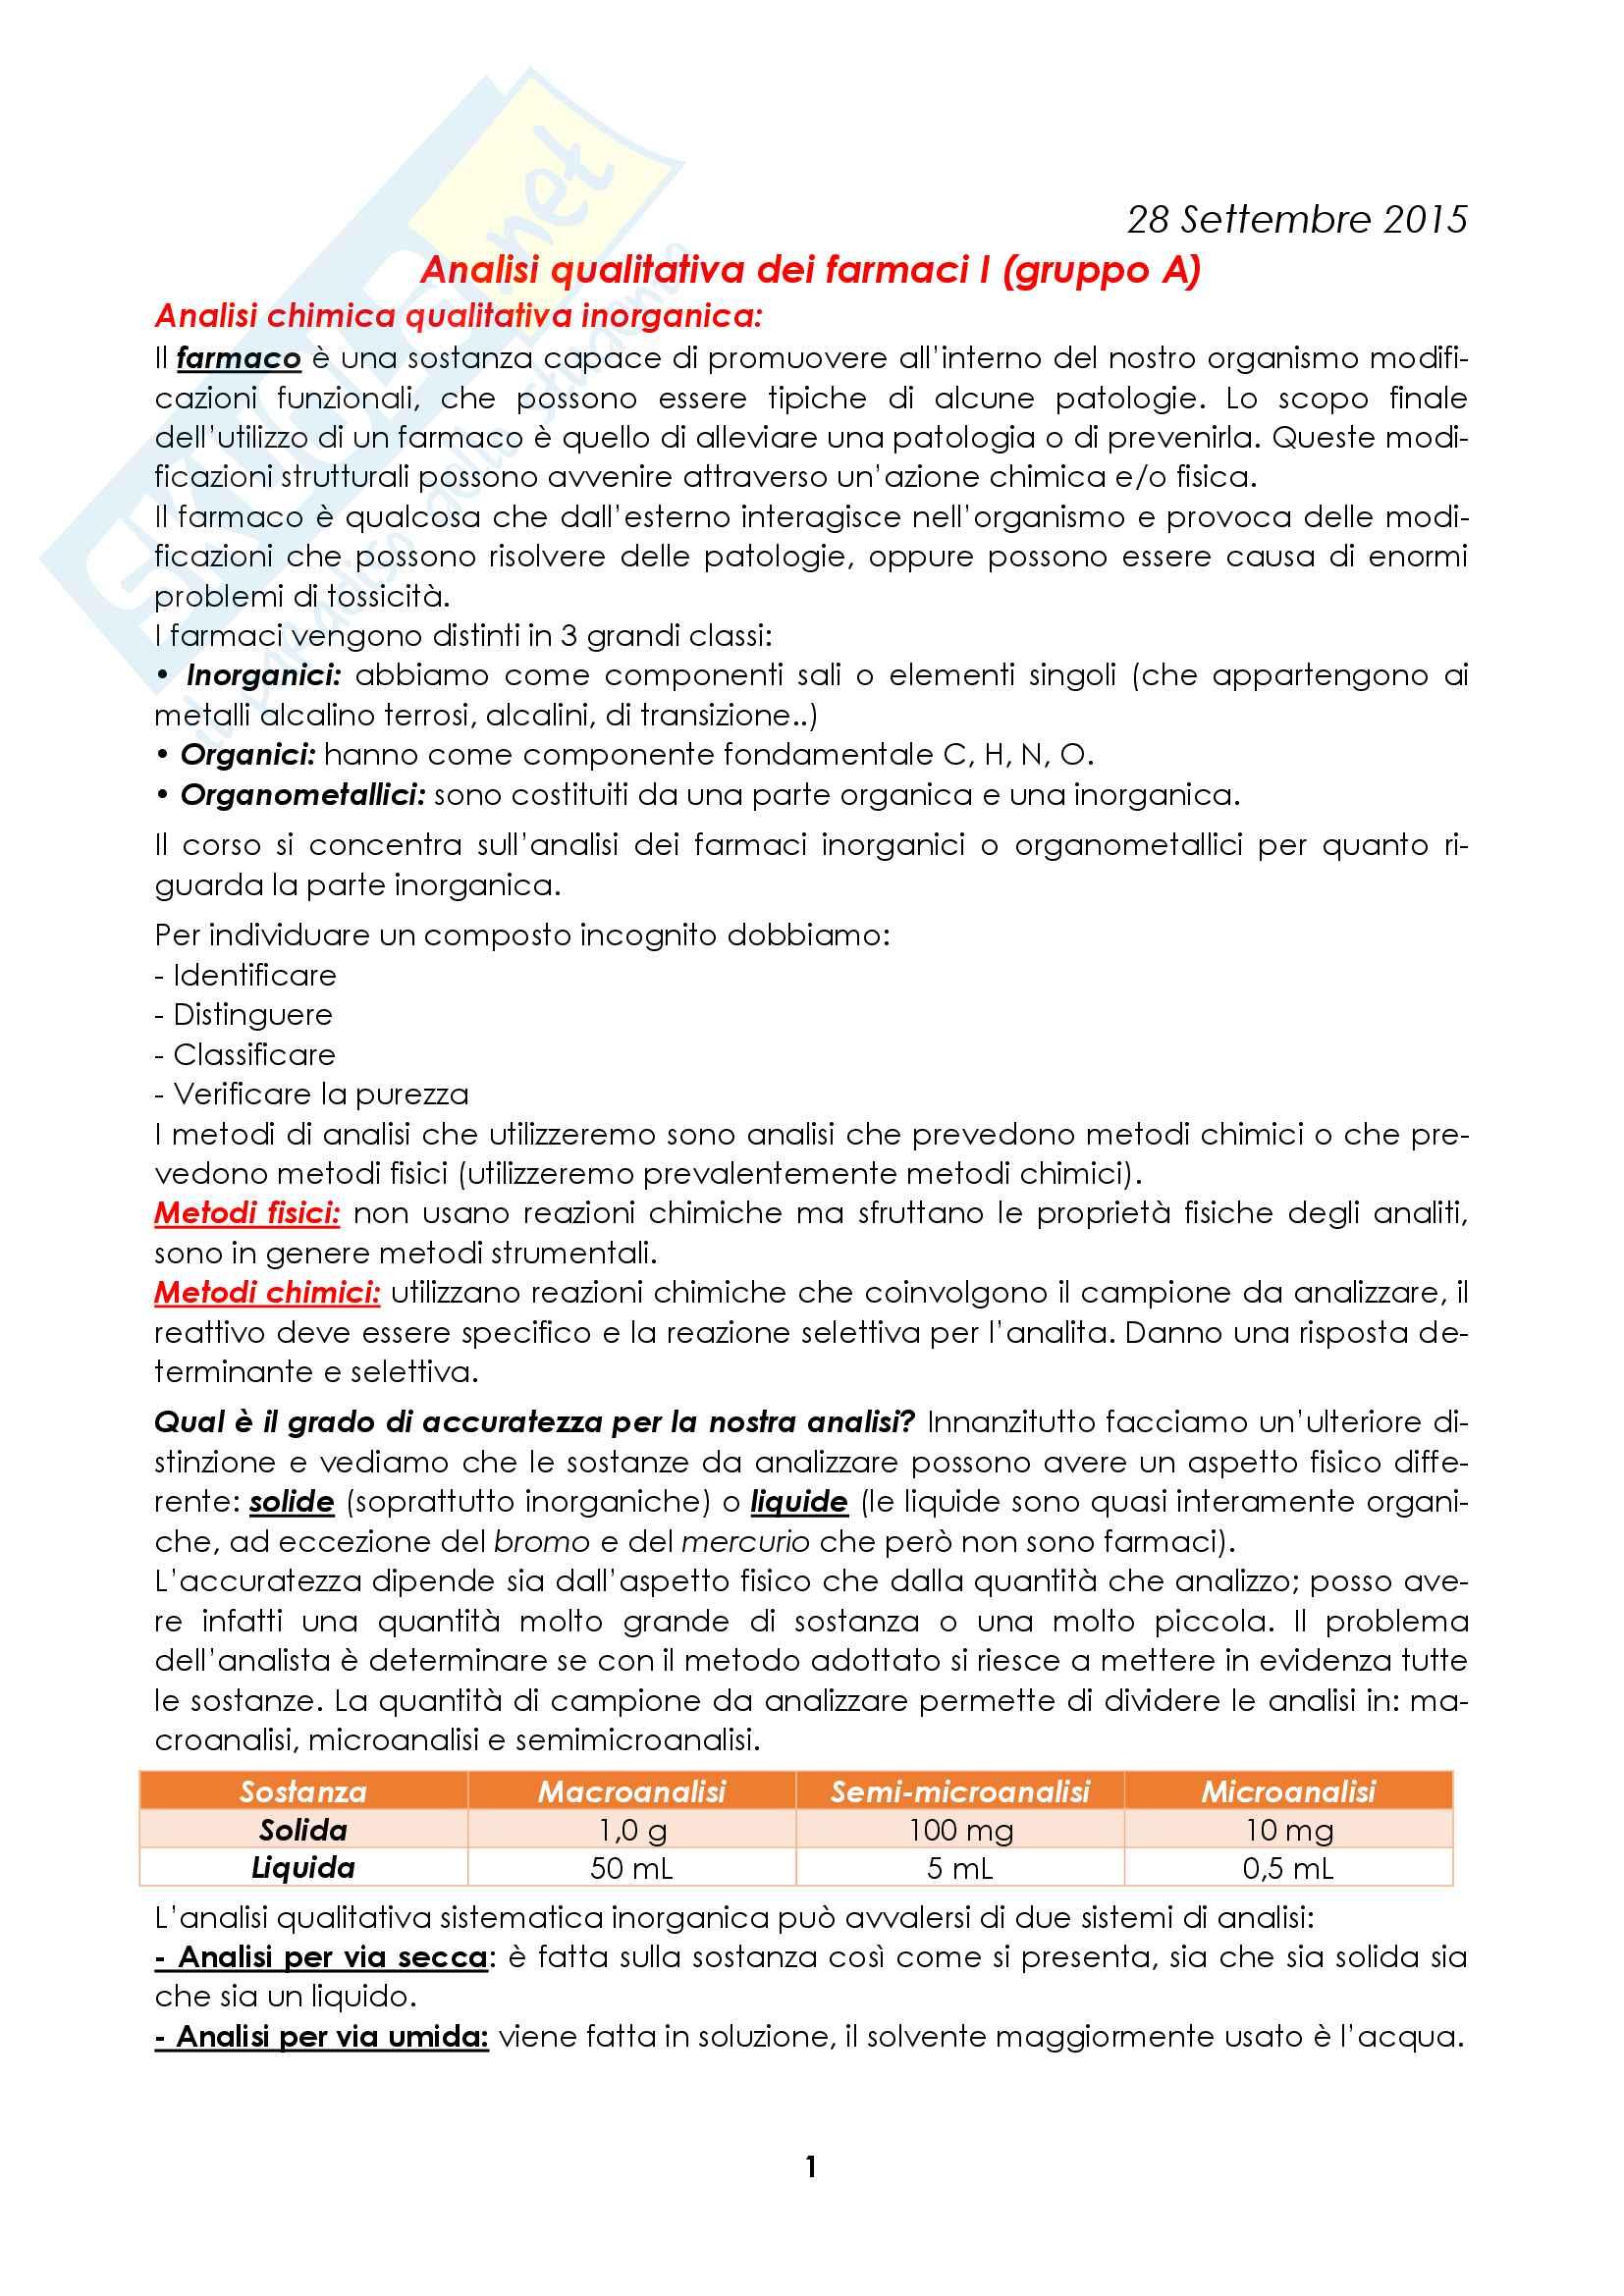 Analisi qualitativa dei farmaci I